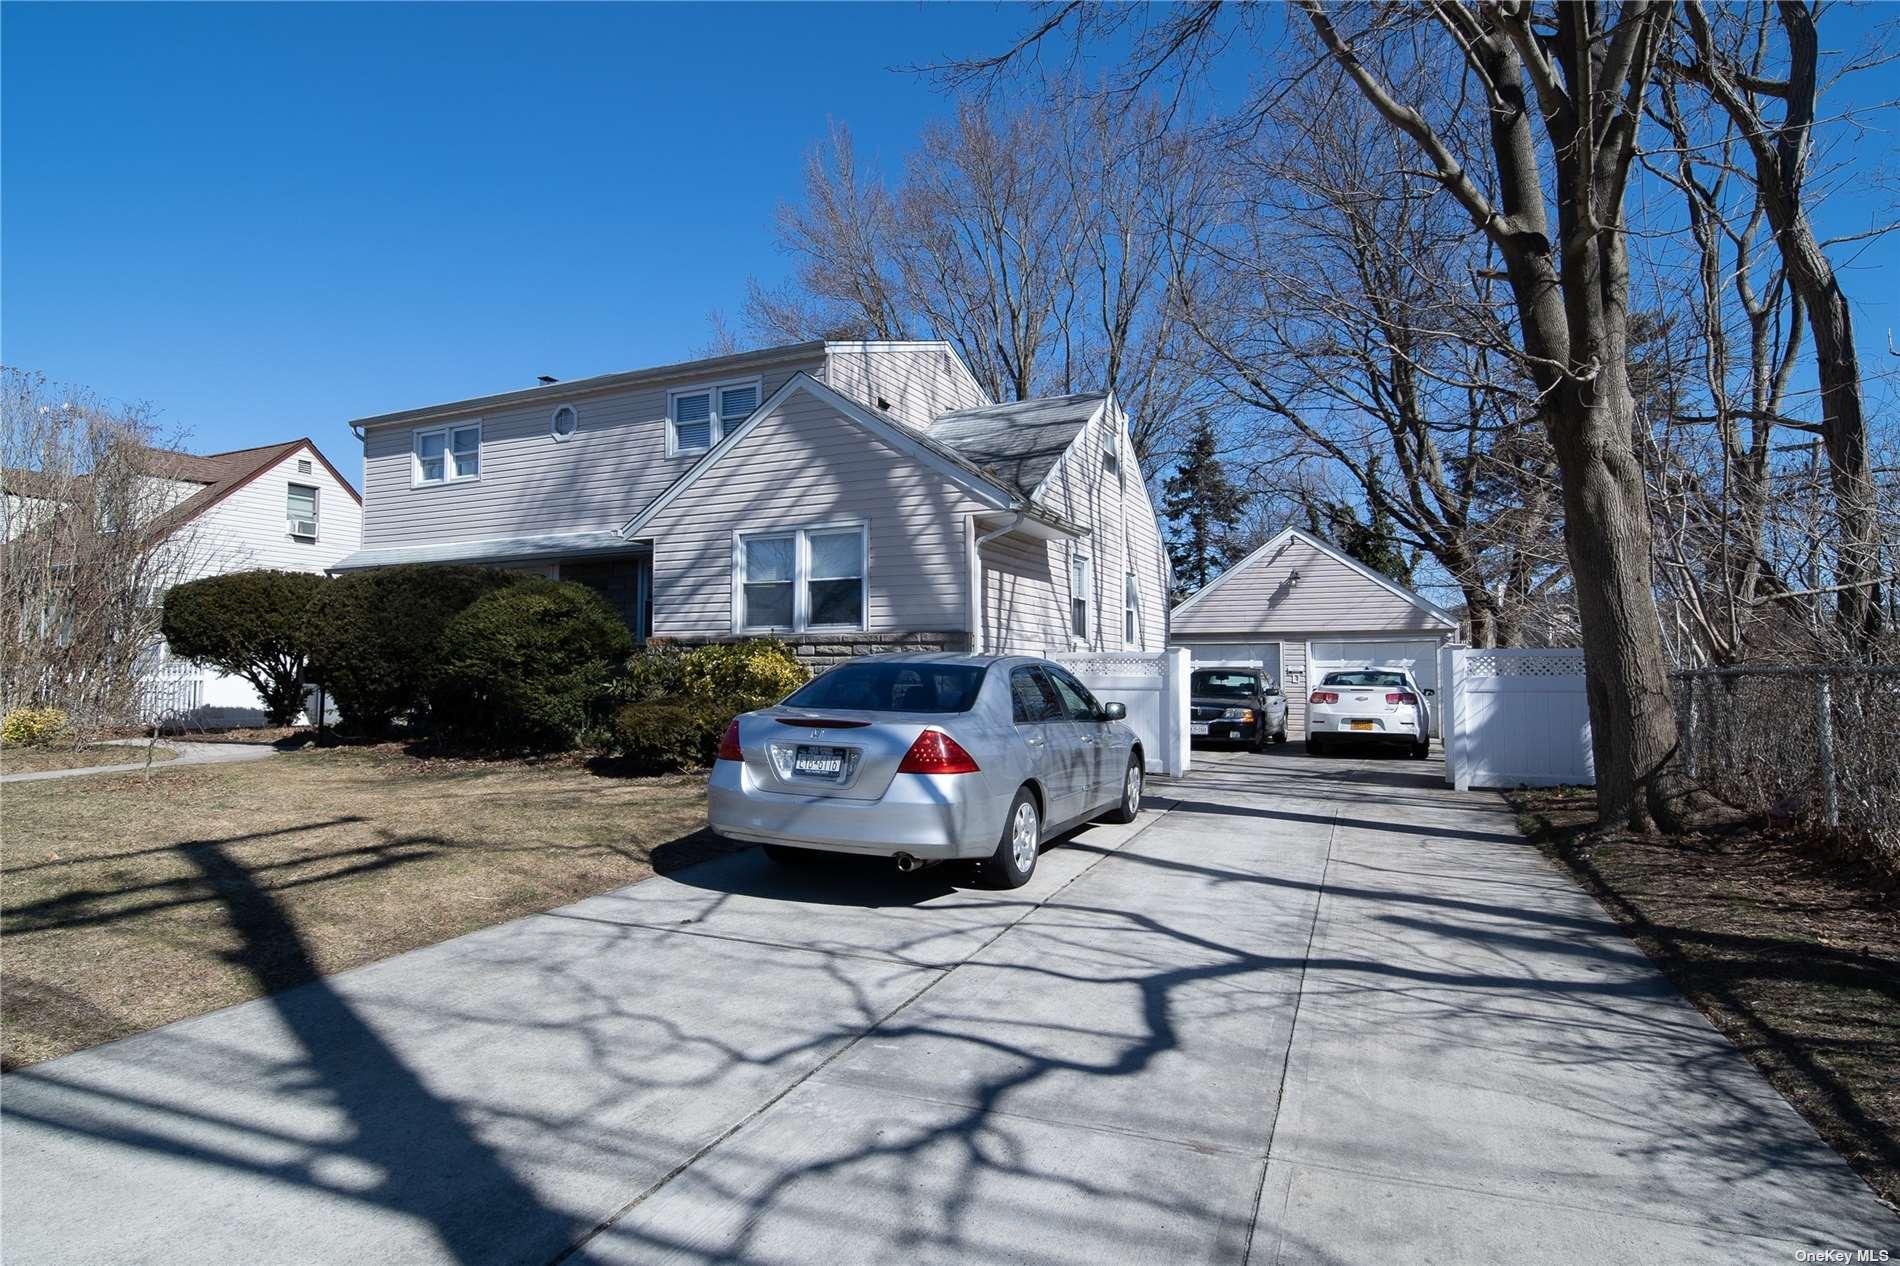 Photo of 873 Oakfield Avenue, Wantagh, NY 11793, Wantagh, NY 11793